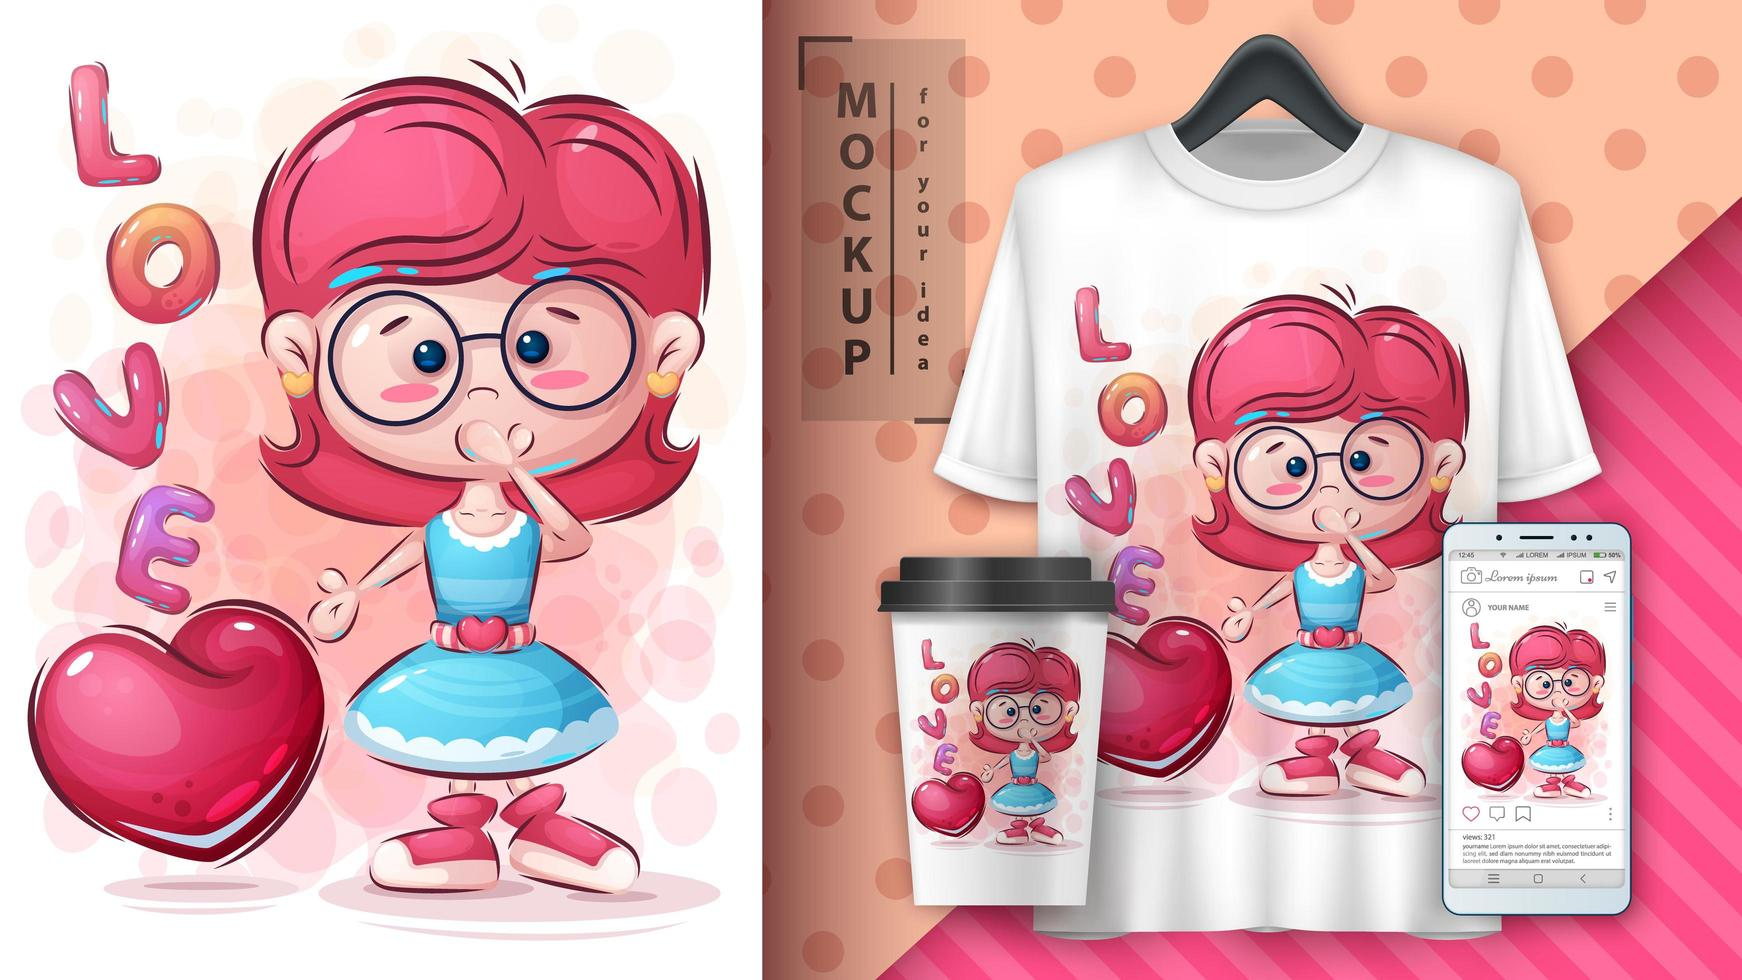 ragazza cartone animato con poster di cuore vettore